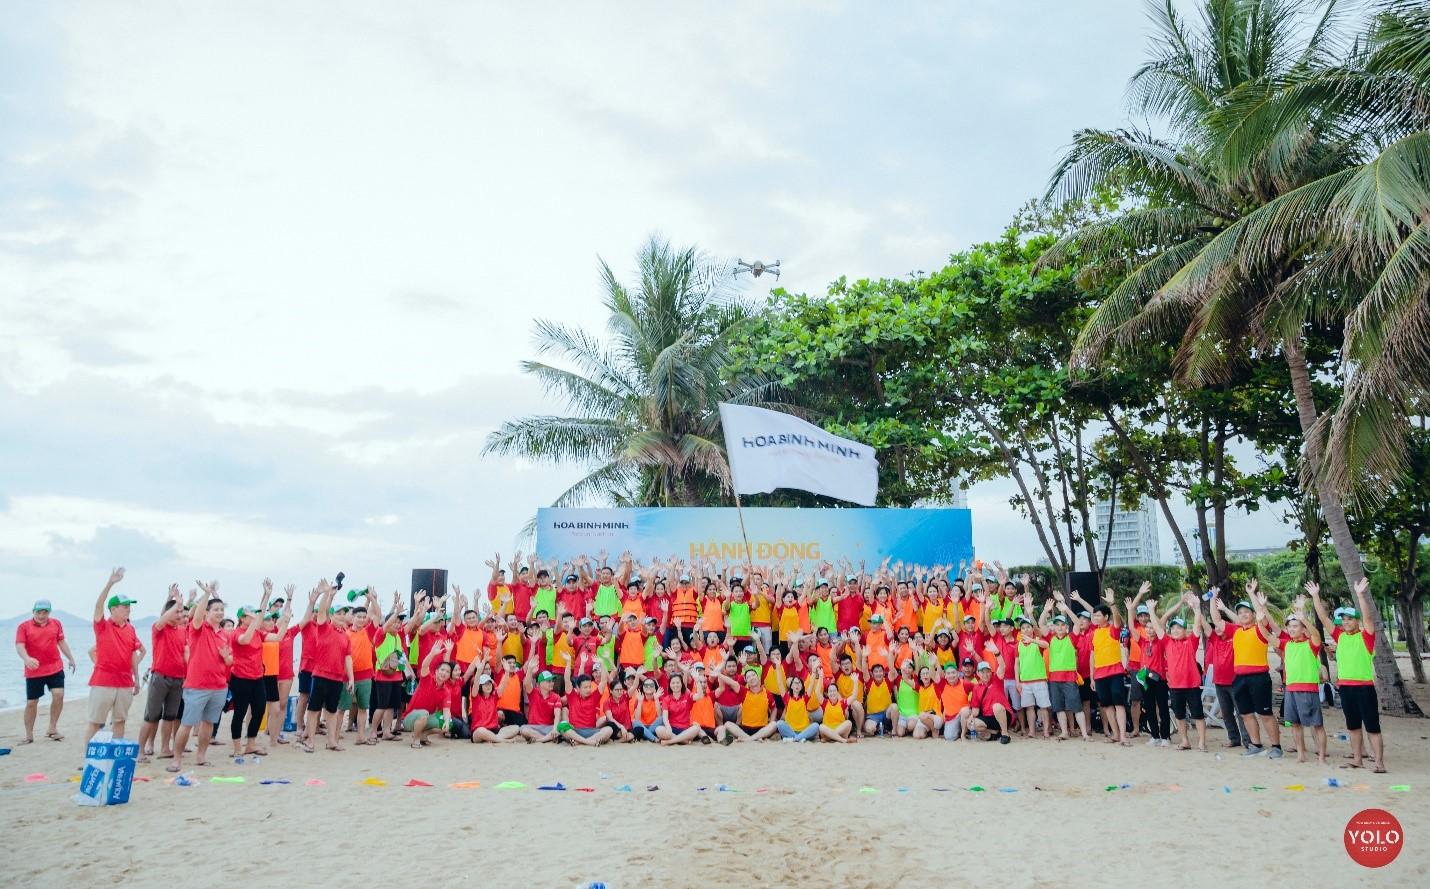 Hội nghị quản trị doanh nghiệp Hòa Bình Minh 2021